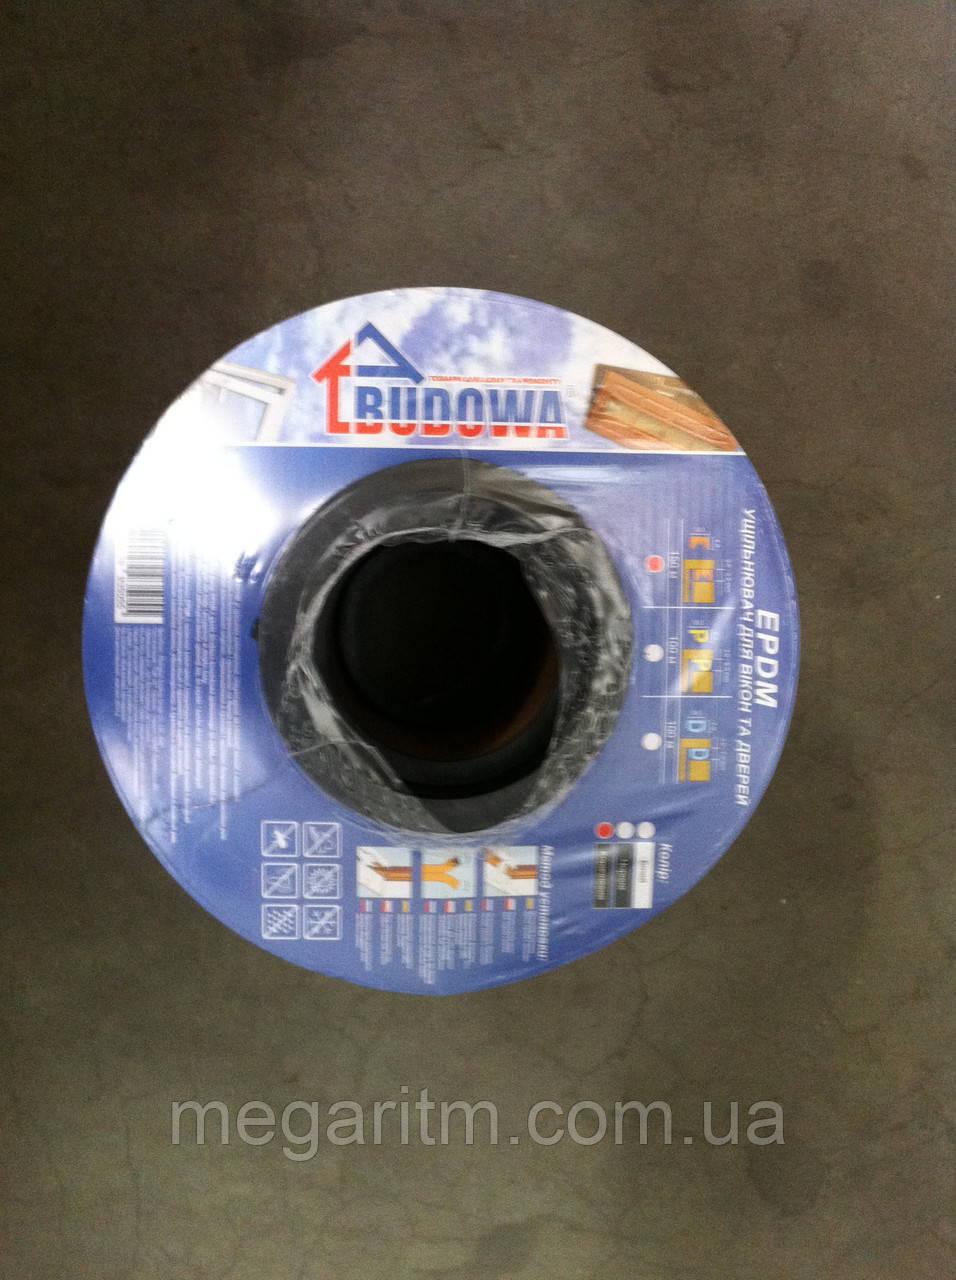 """Уплотнитель самоклеющийся """"Budowa""""                Е150 чёрный, 9*4 мм"""